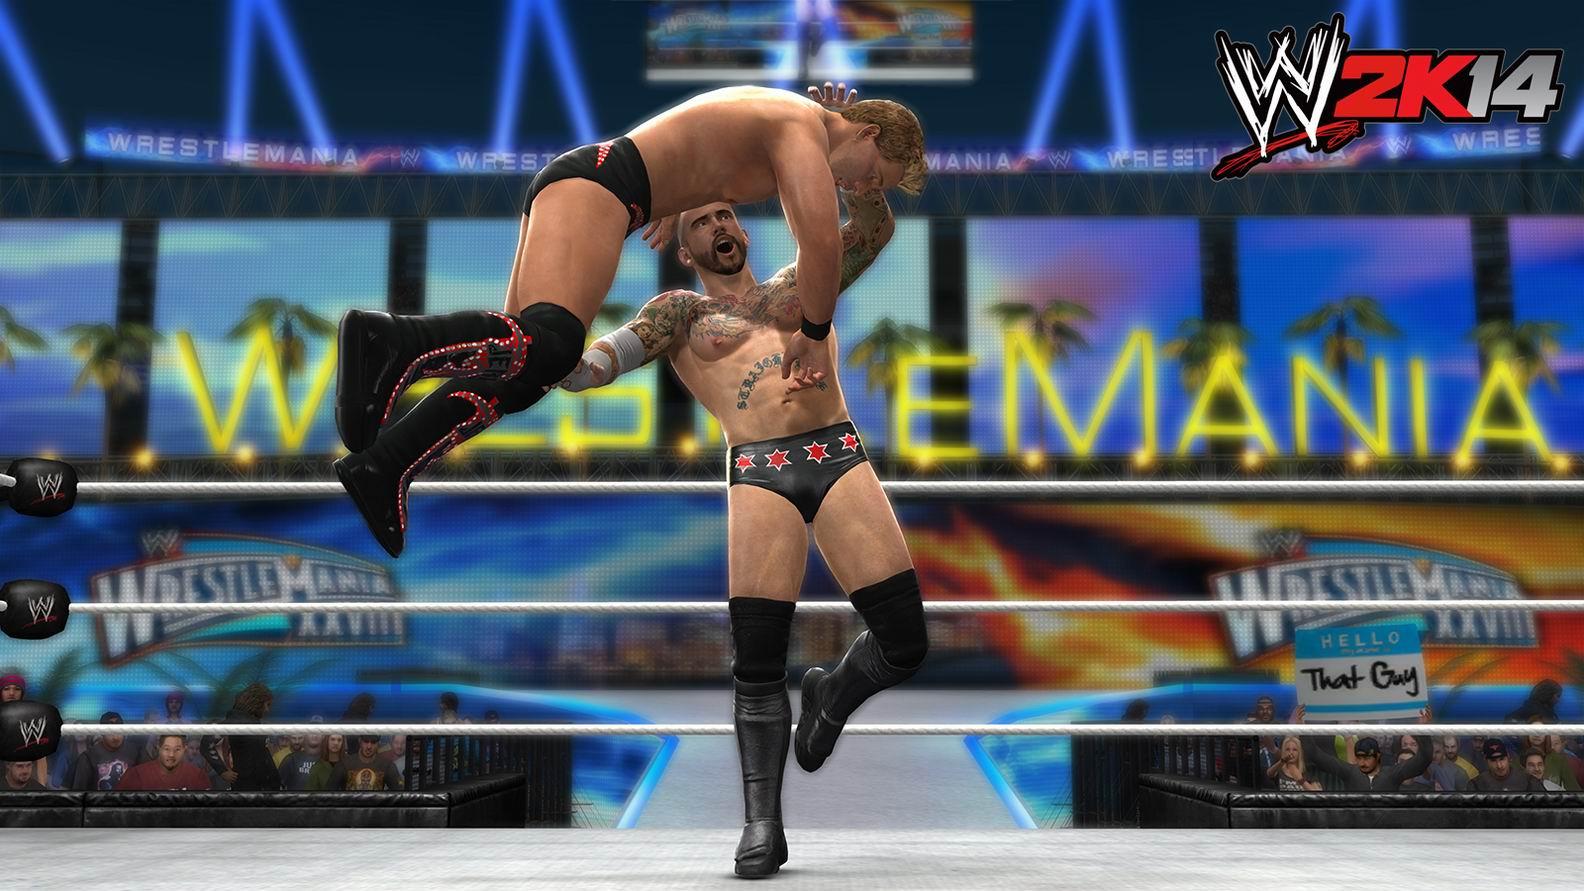 WWE2K14_WM28punkjericho